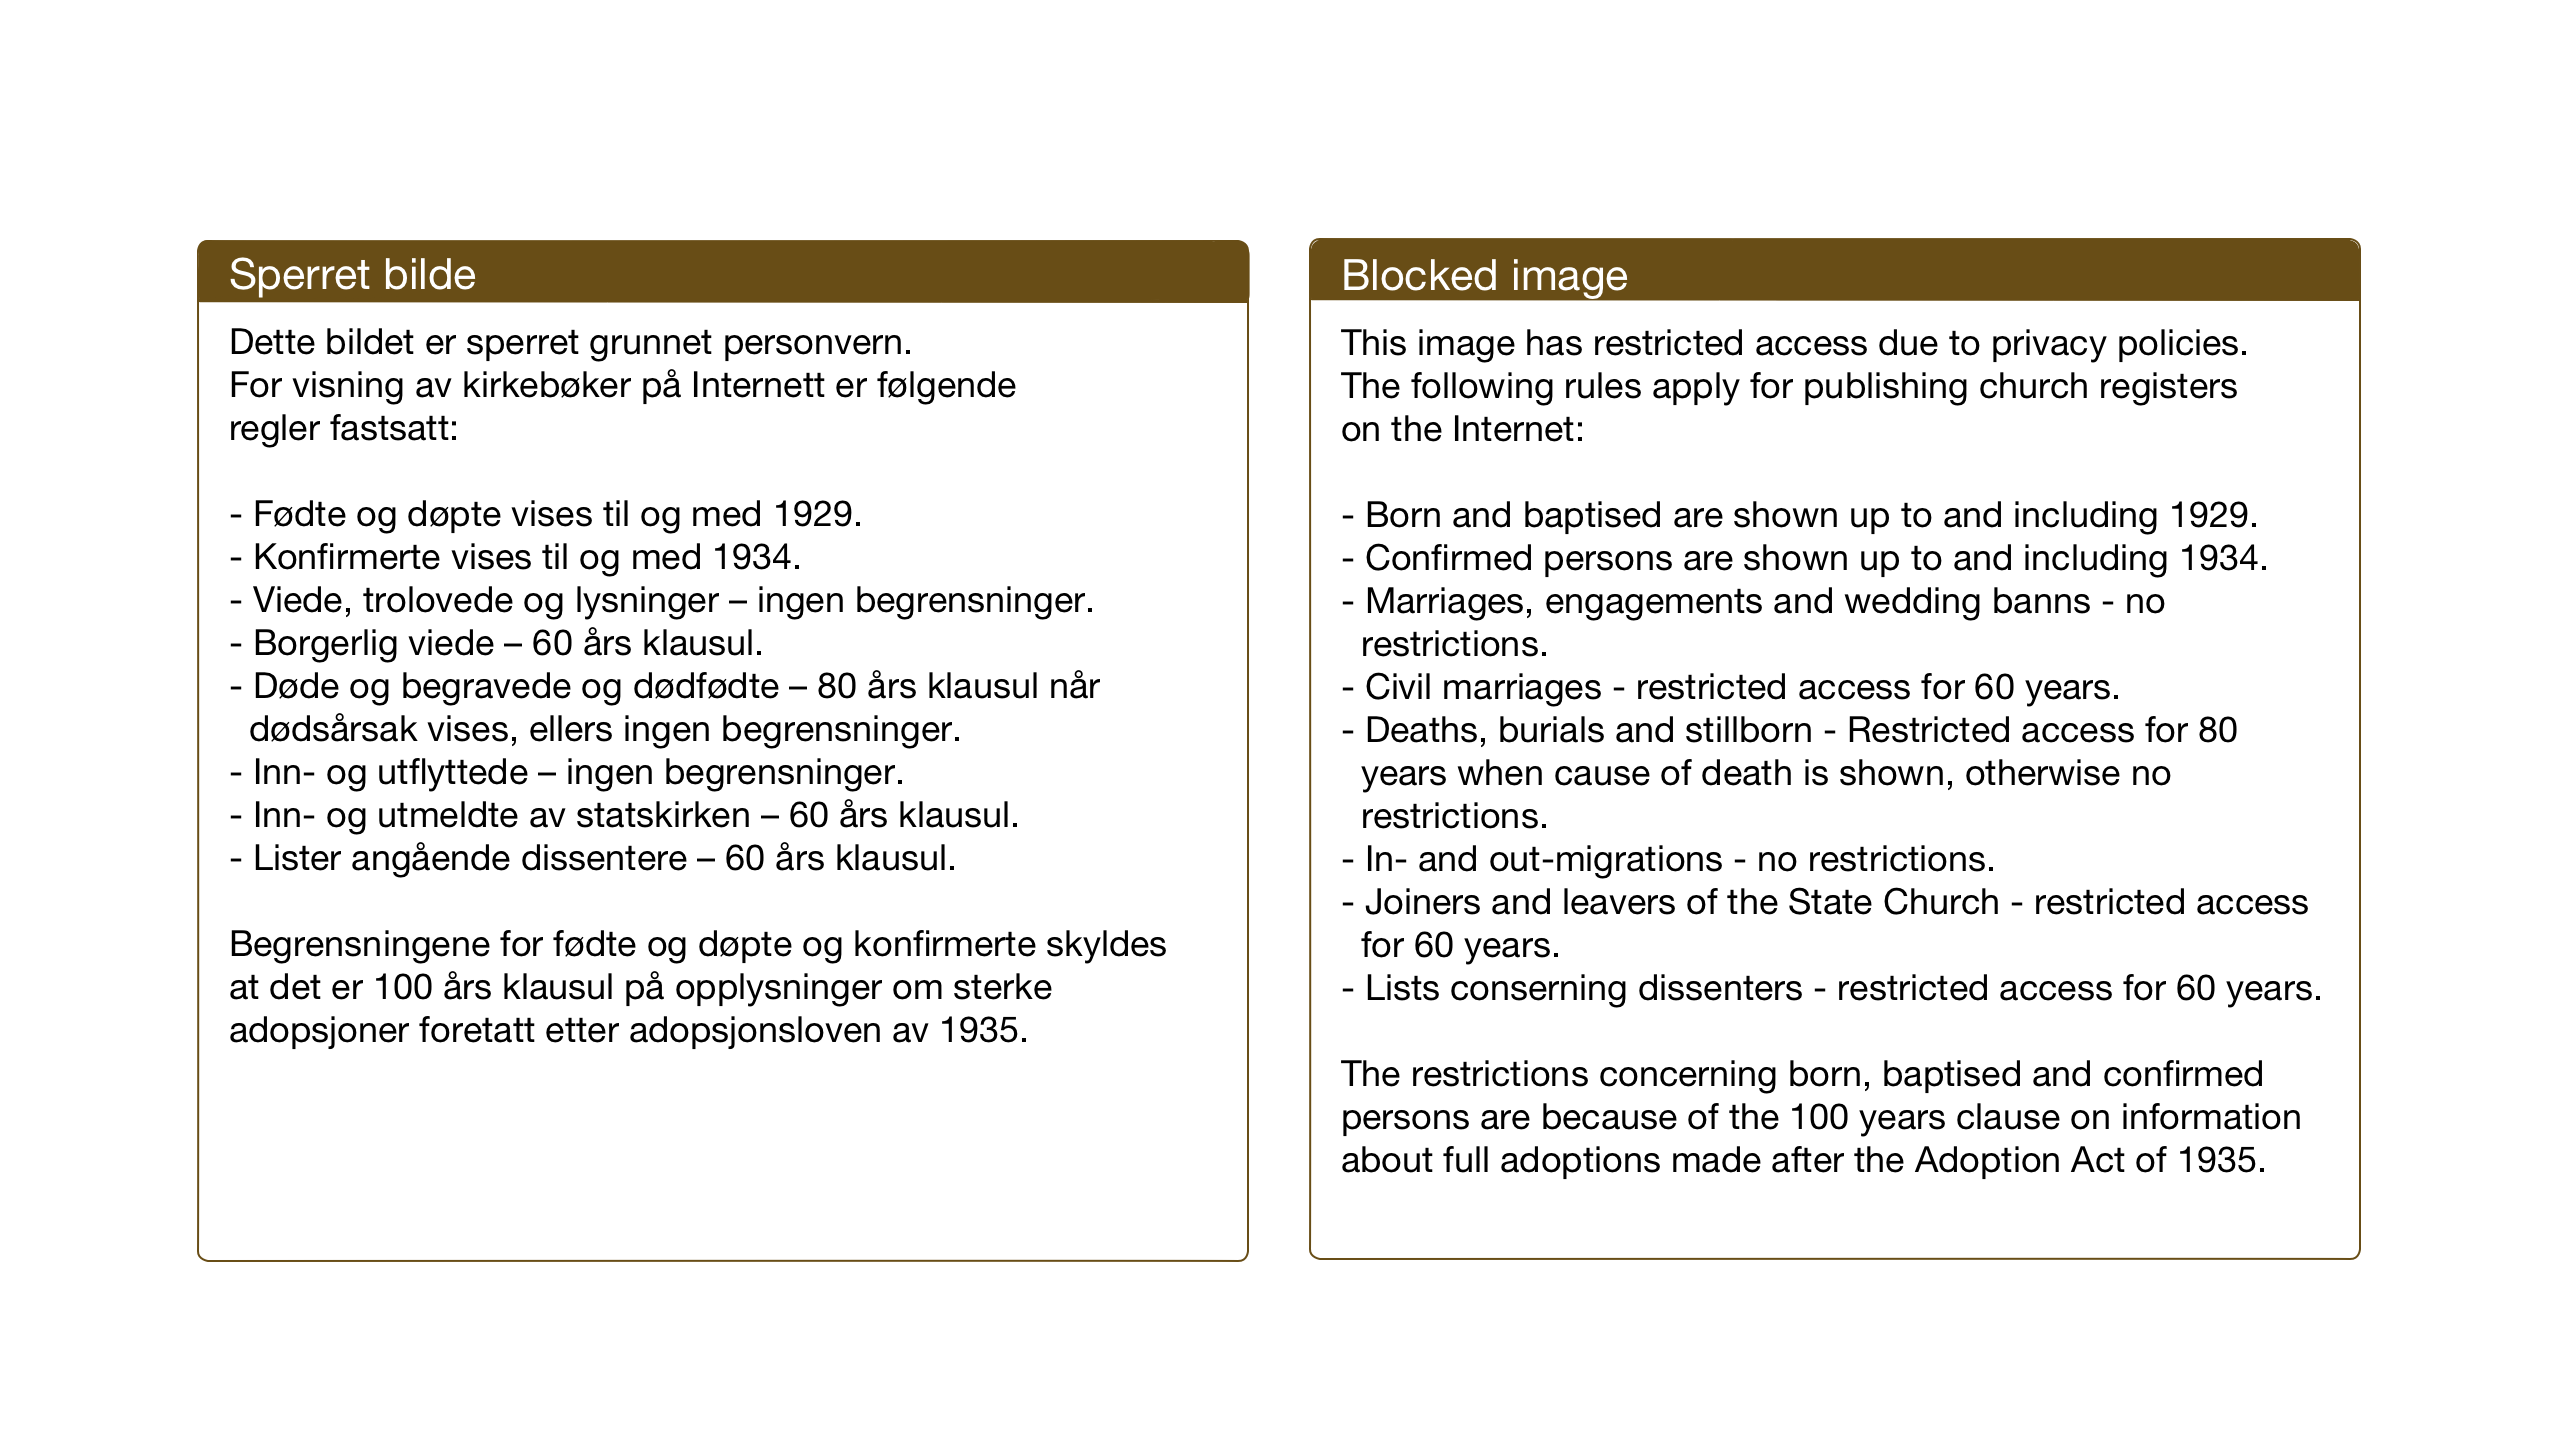 SAT, Ministerialprotokoller, klokkerbøker og fødselsregistre - Nord-Trøndelag, 786/L0689: Klokkerbok nr. 786C01, 1940-1948, s. 456-457